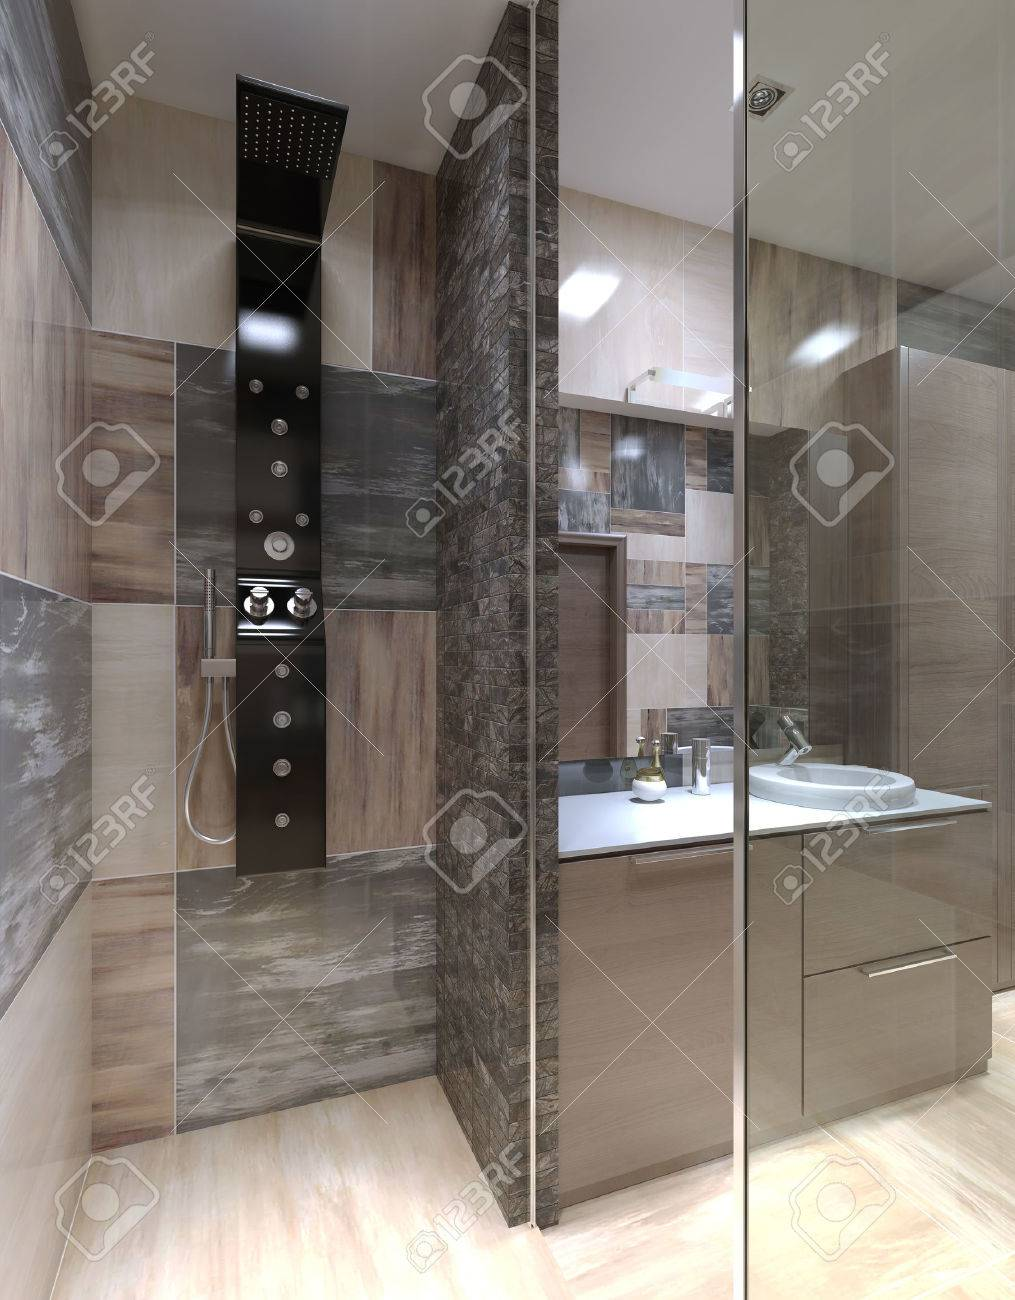 Programa Diseño De Baños 3D Gratis - Casa diseño